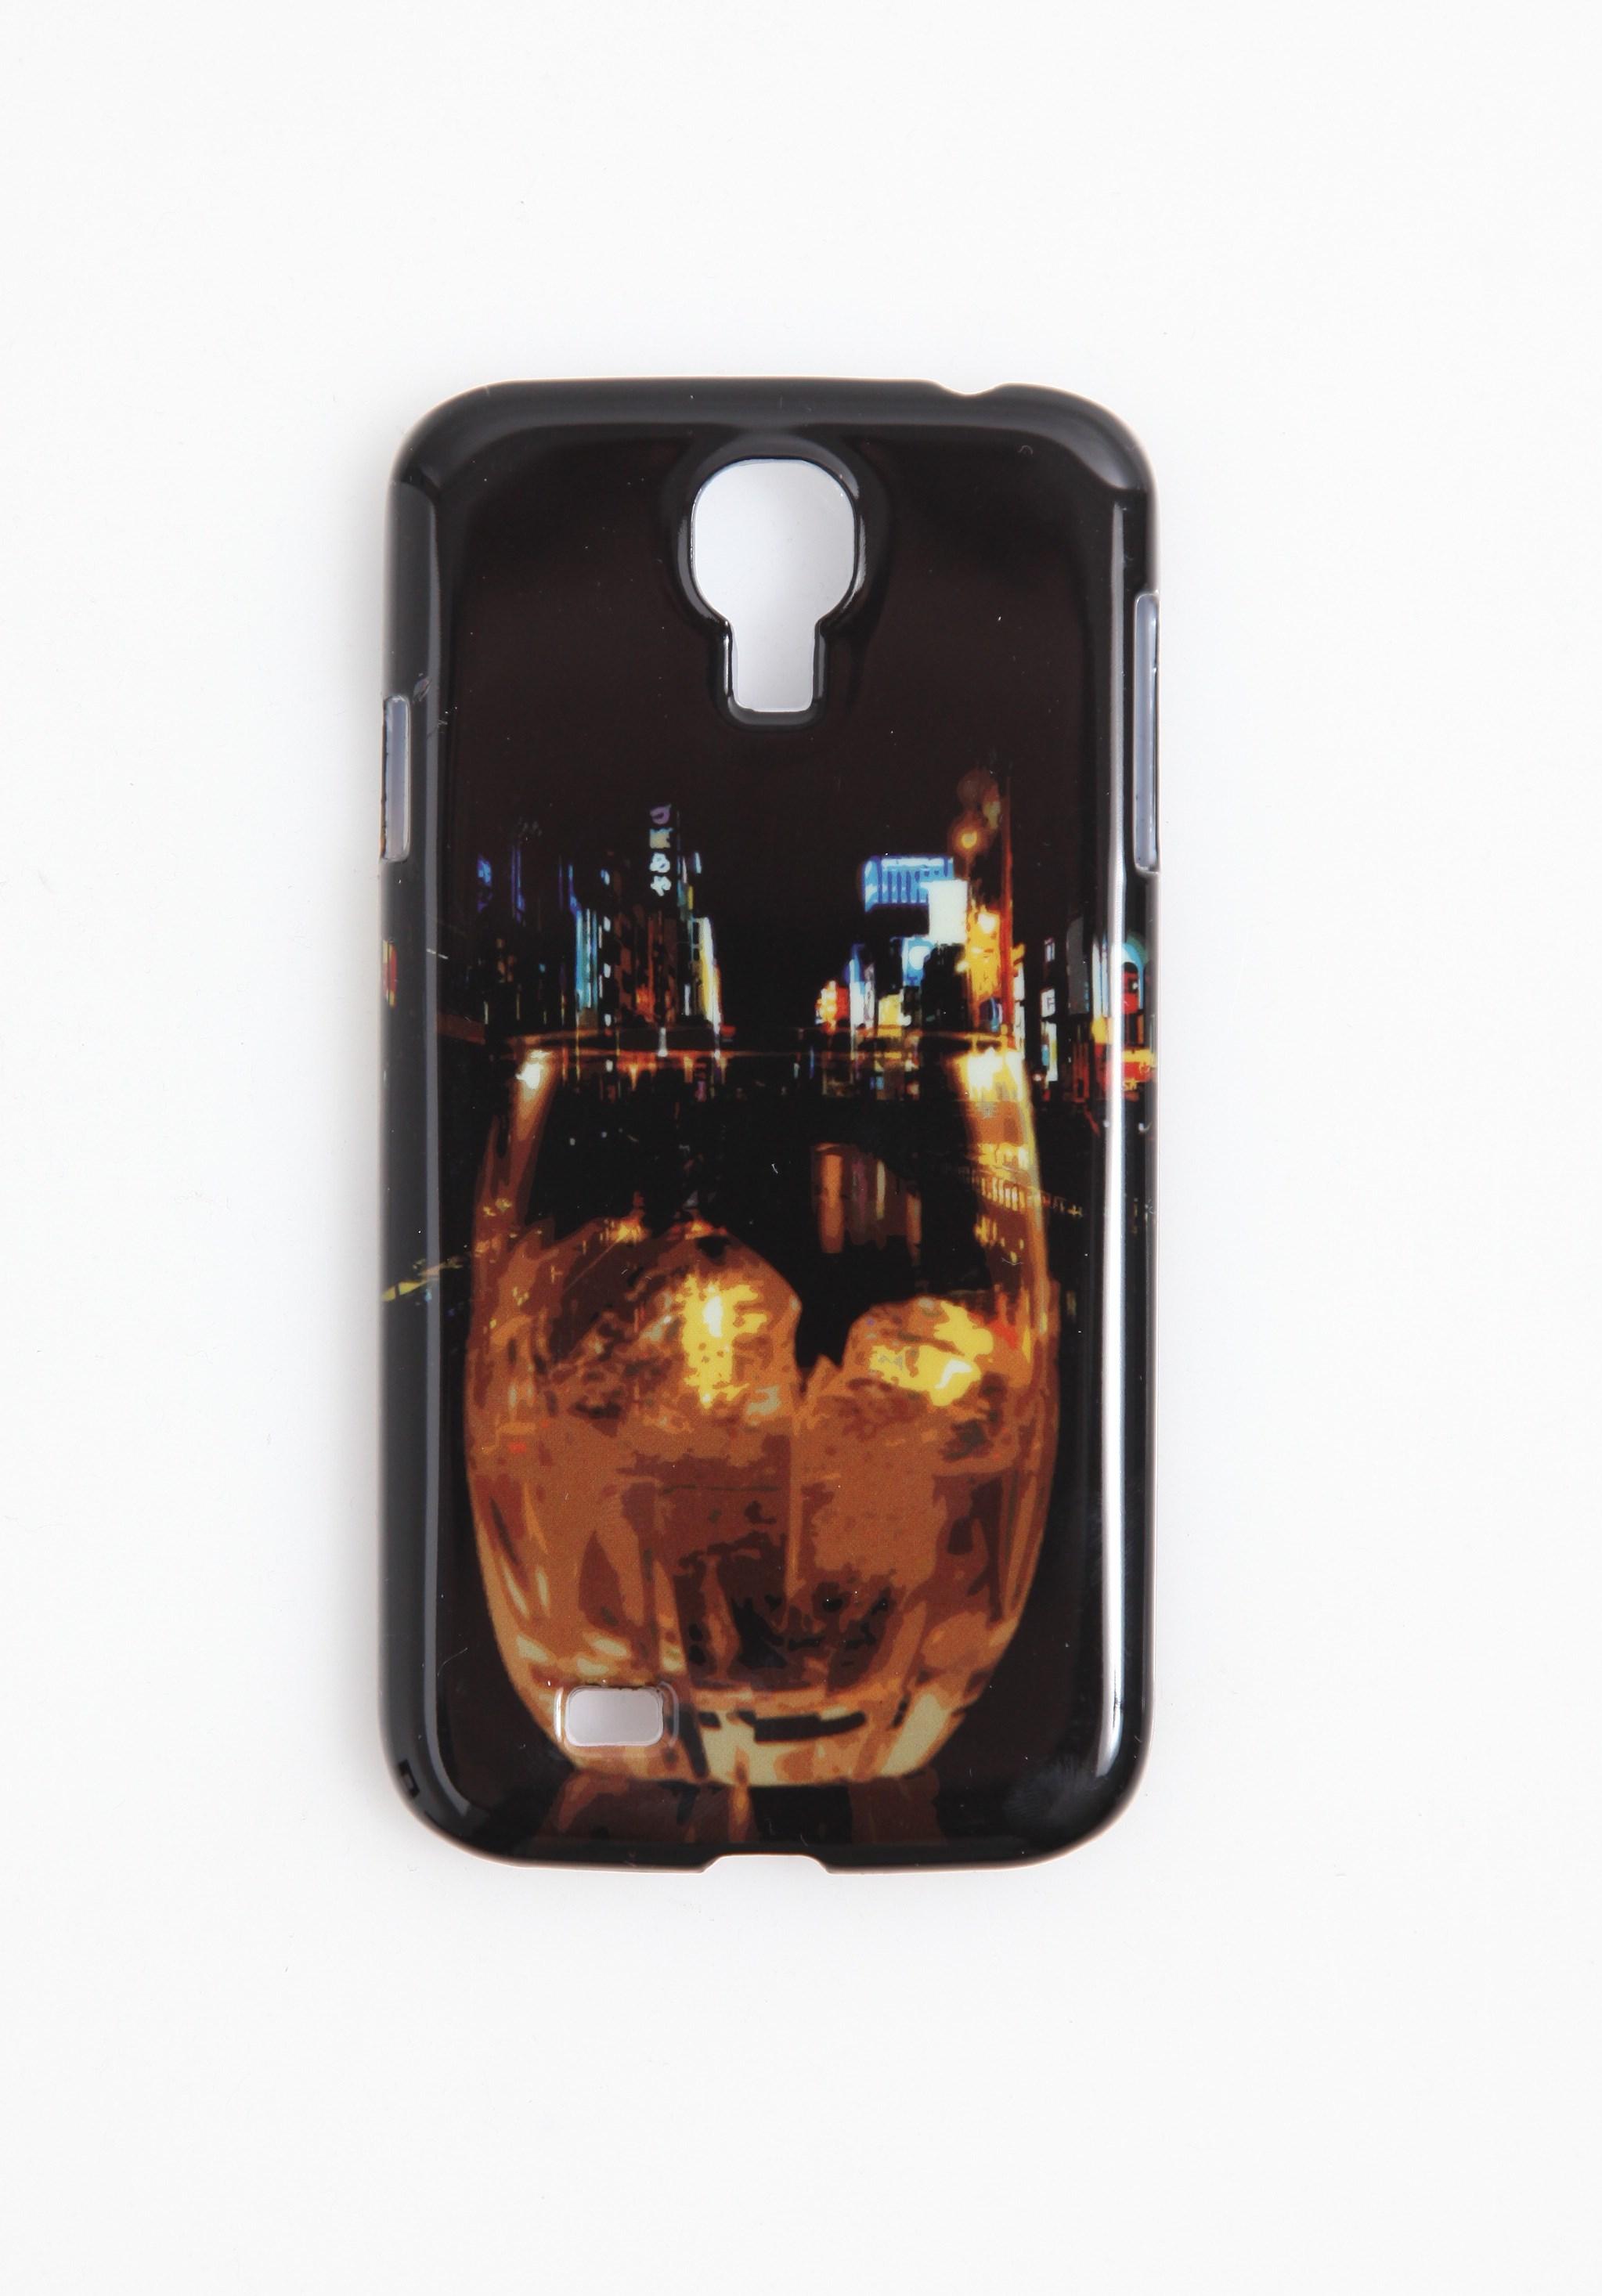 【Polyantha/ポリアンサ】酒飲み人必見!煌びやかなネオン街・宗右衛門町を描写したGALAXY S4カバー